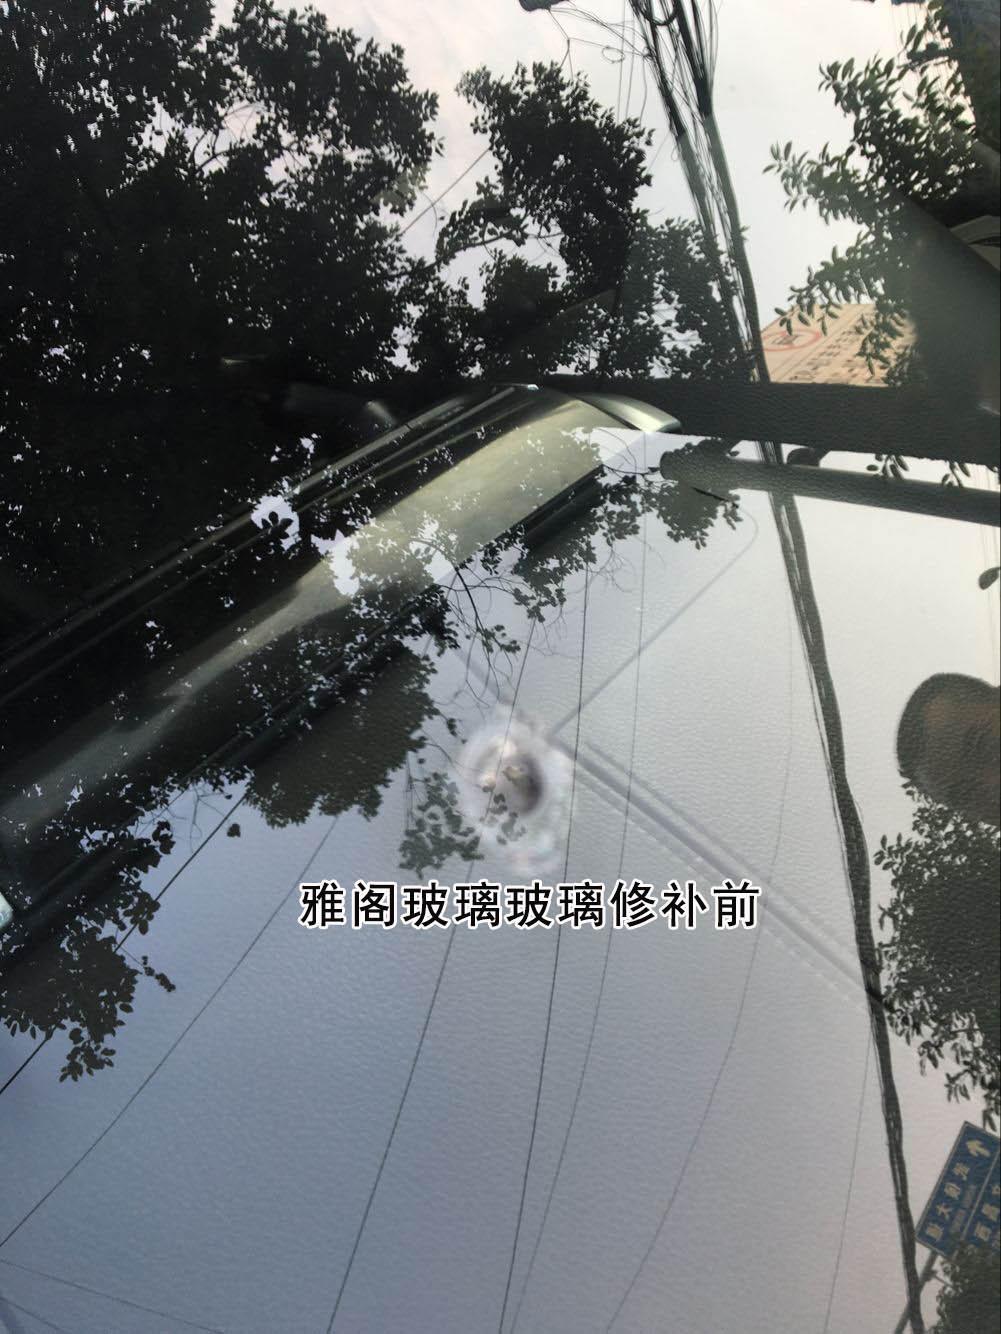 雅阁玻璃修复对比.jpg